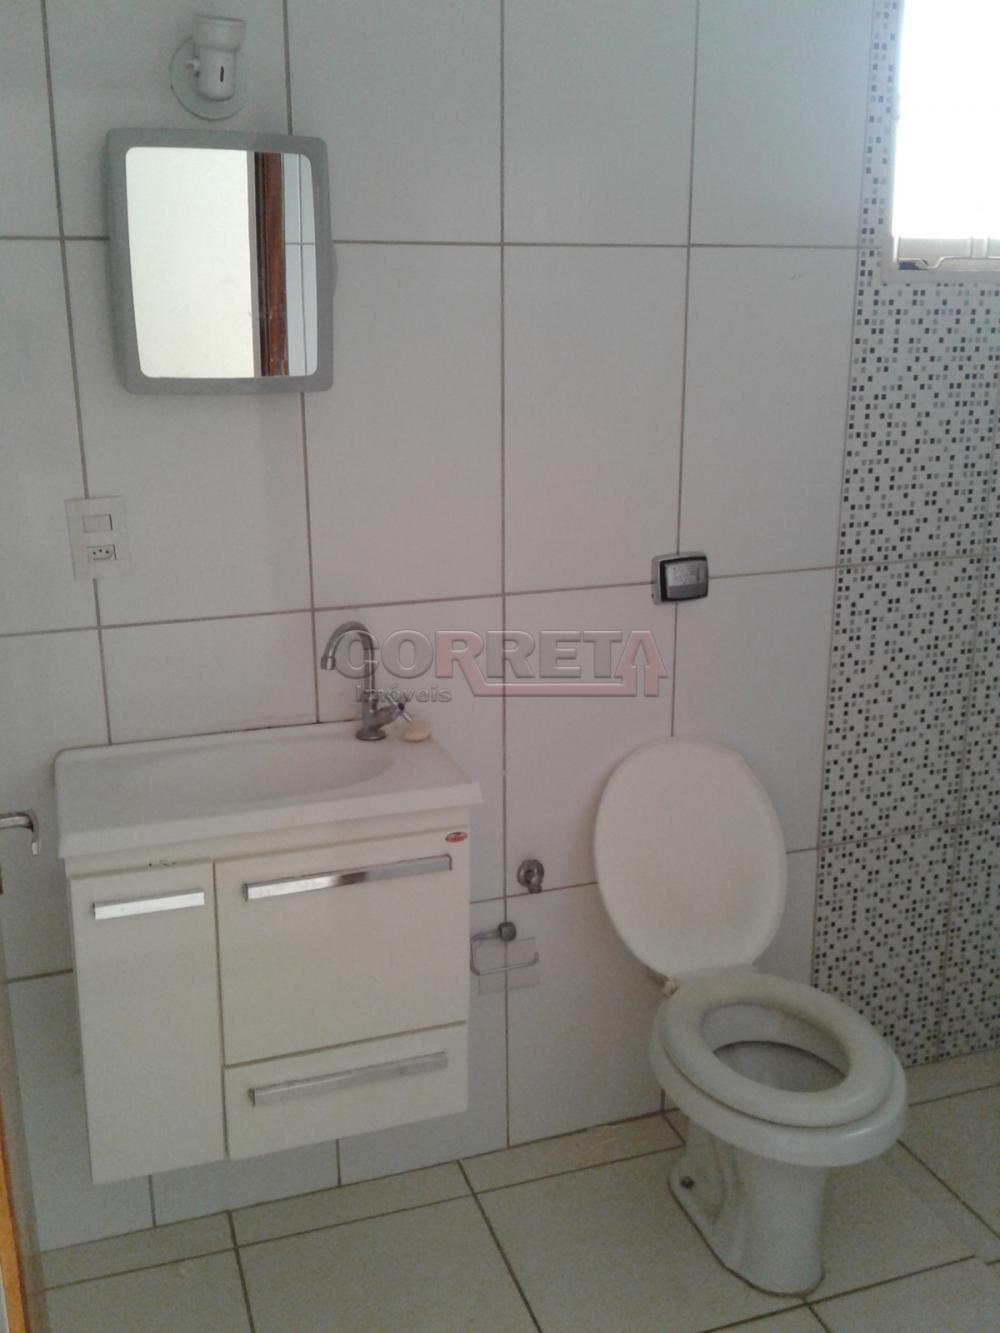 Alugar Casa / Padrão em Araçatuba apenas R$ 600,00 - Foto 10